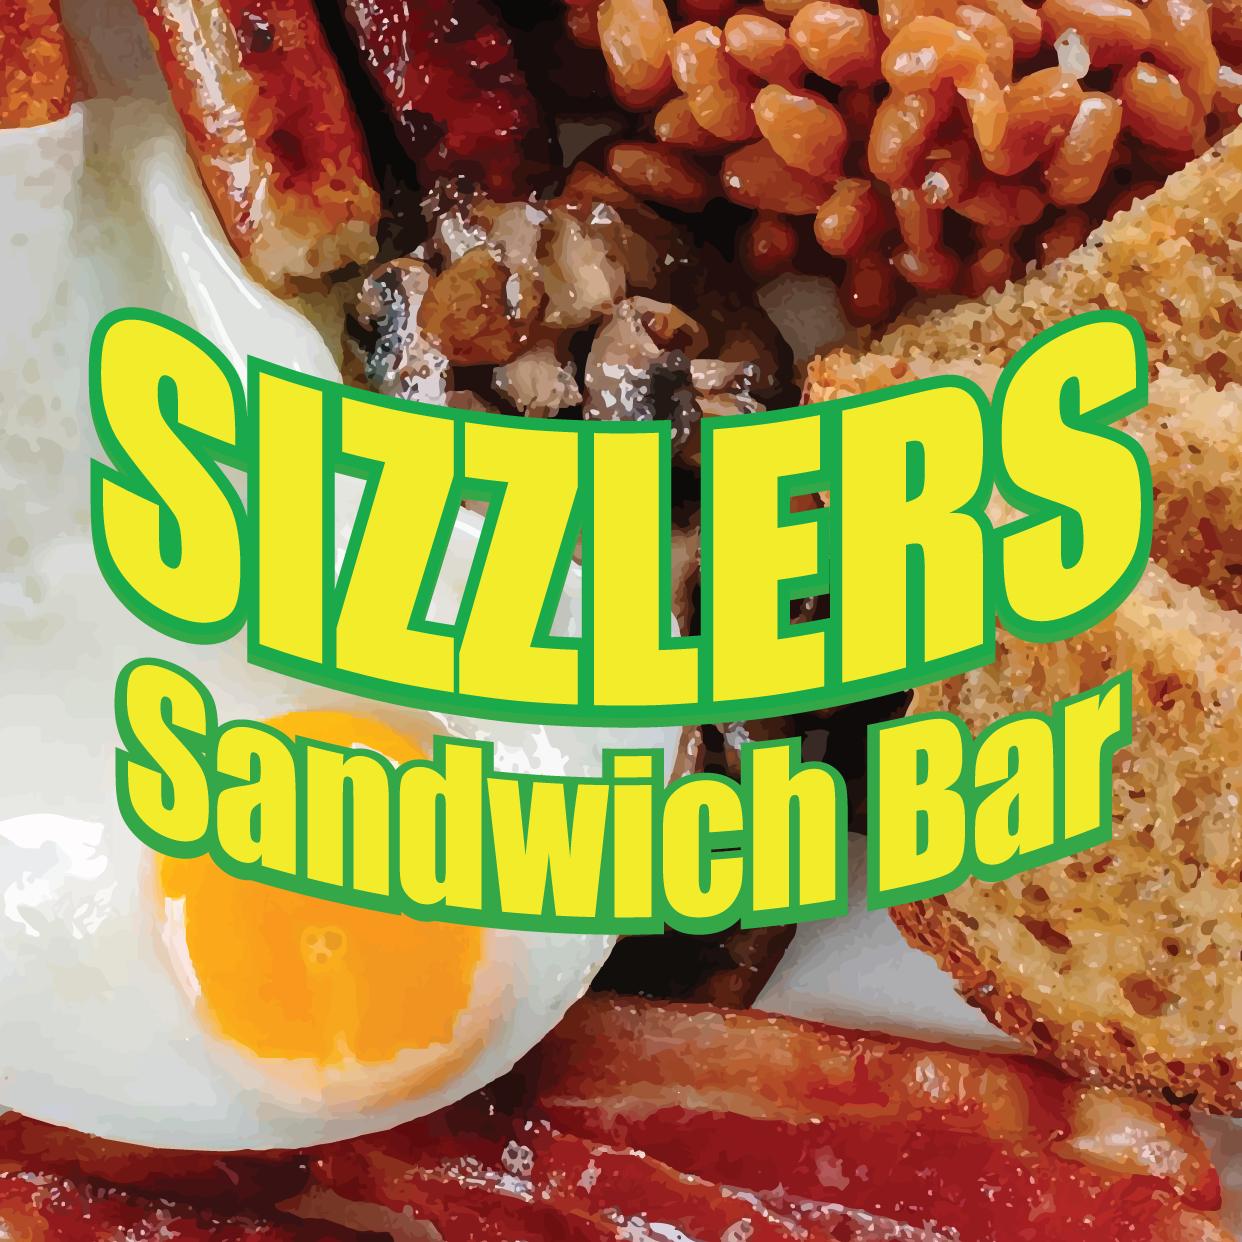 Sizzlers Sandwich Bar Online Takeaway Menu Logo